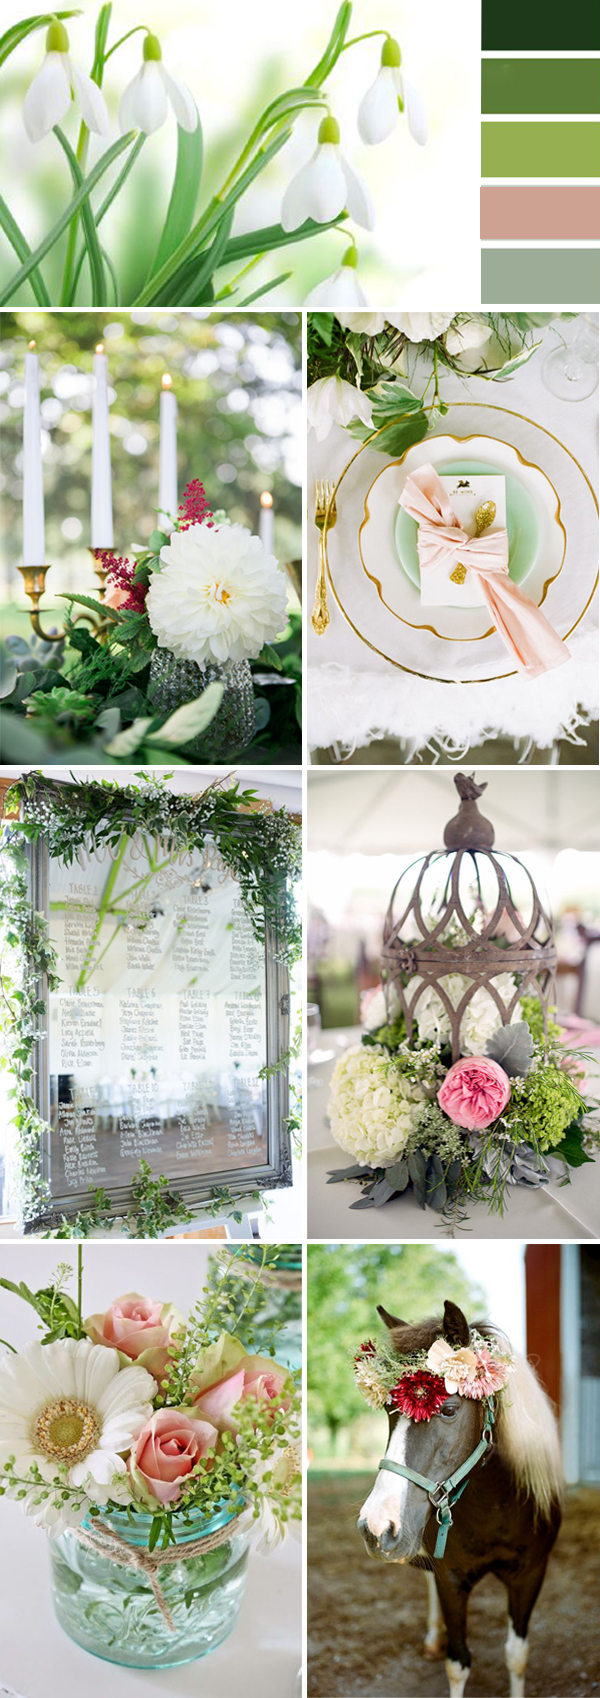 Top 10 Wedding Color Ideas for 2017 Spring  Stylish Wedd Blog